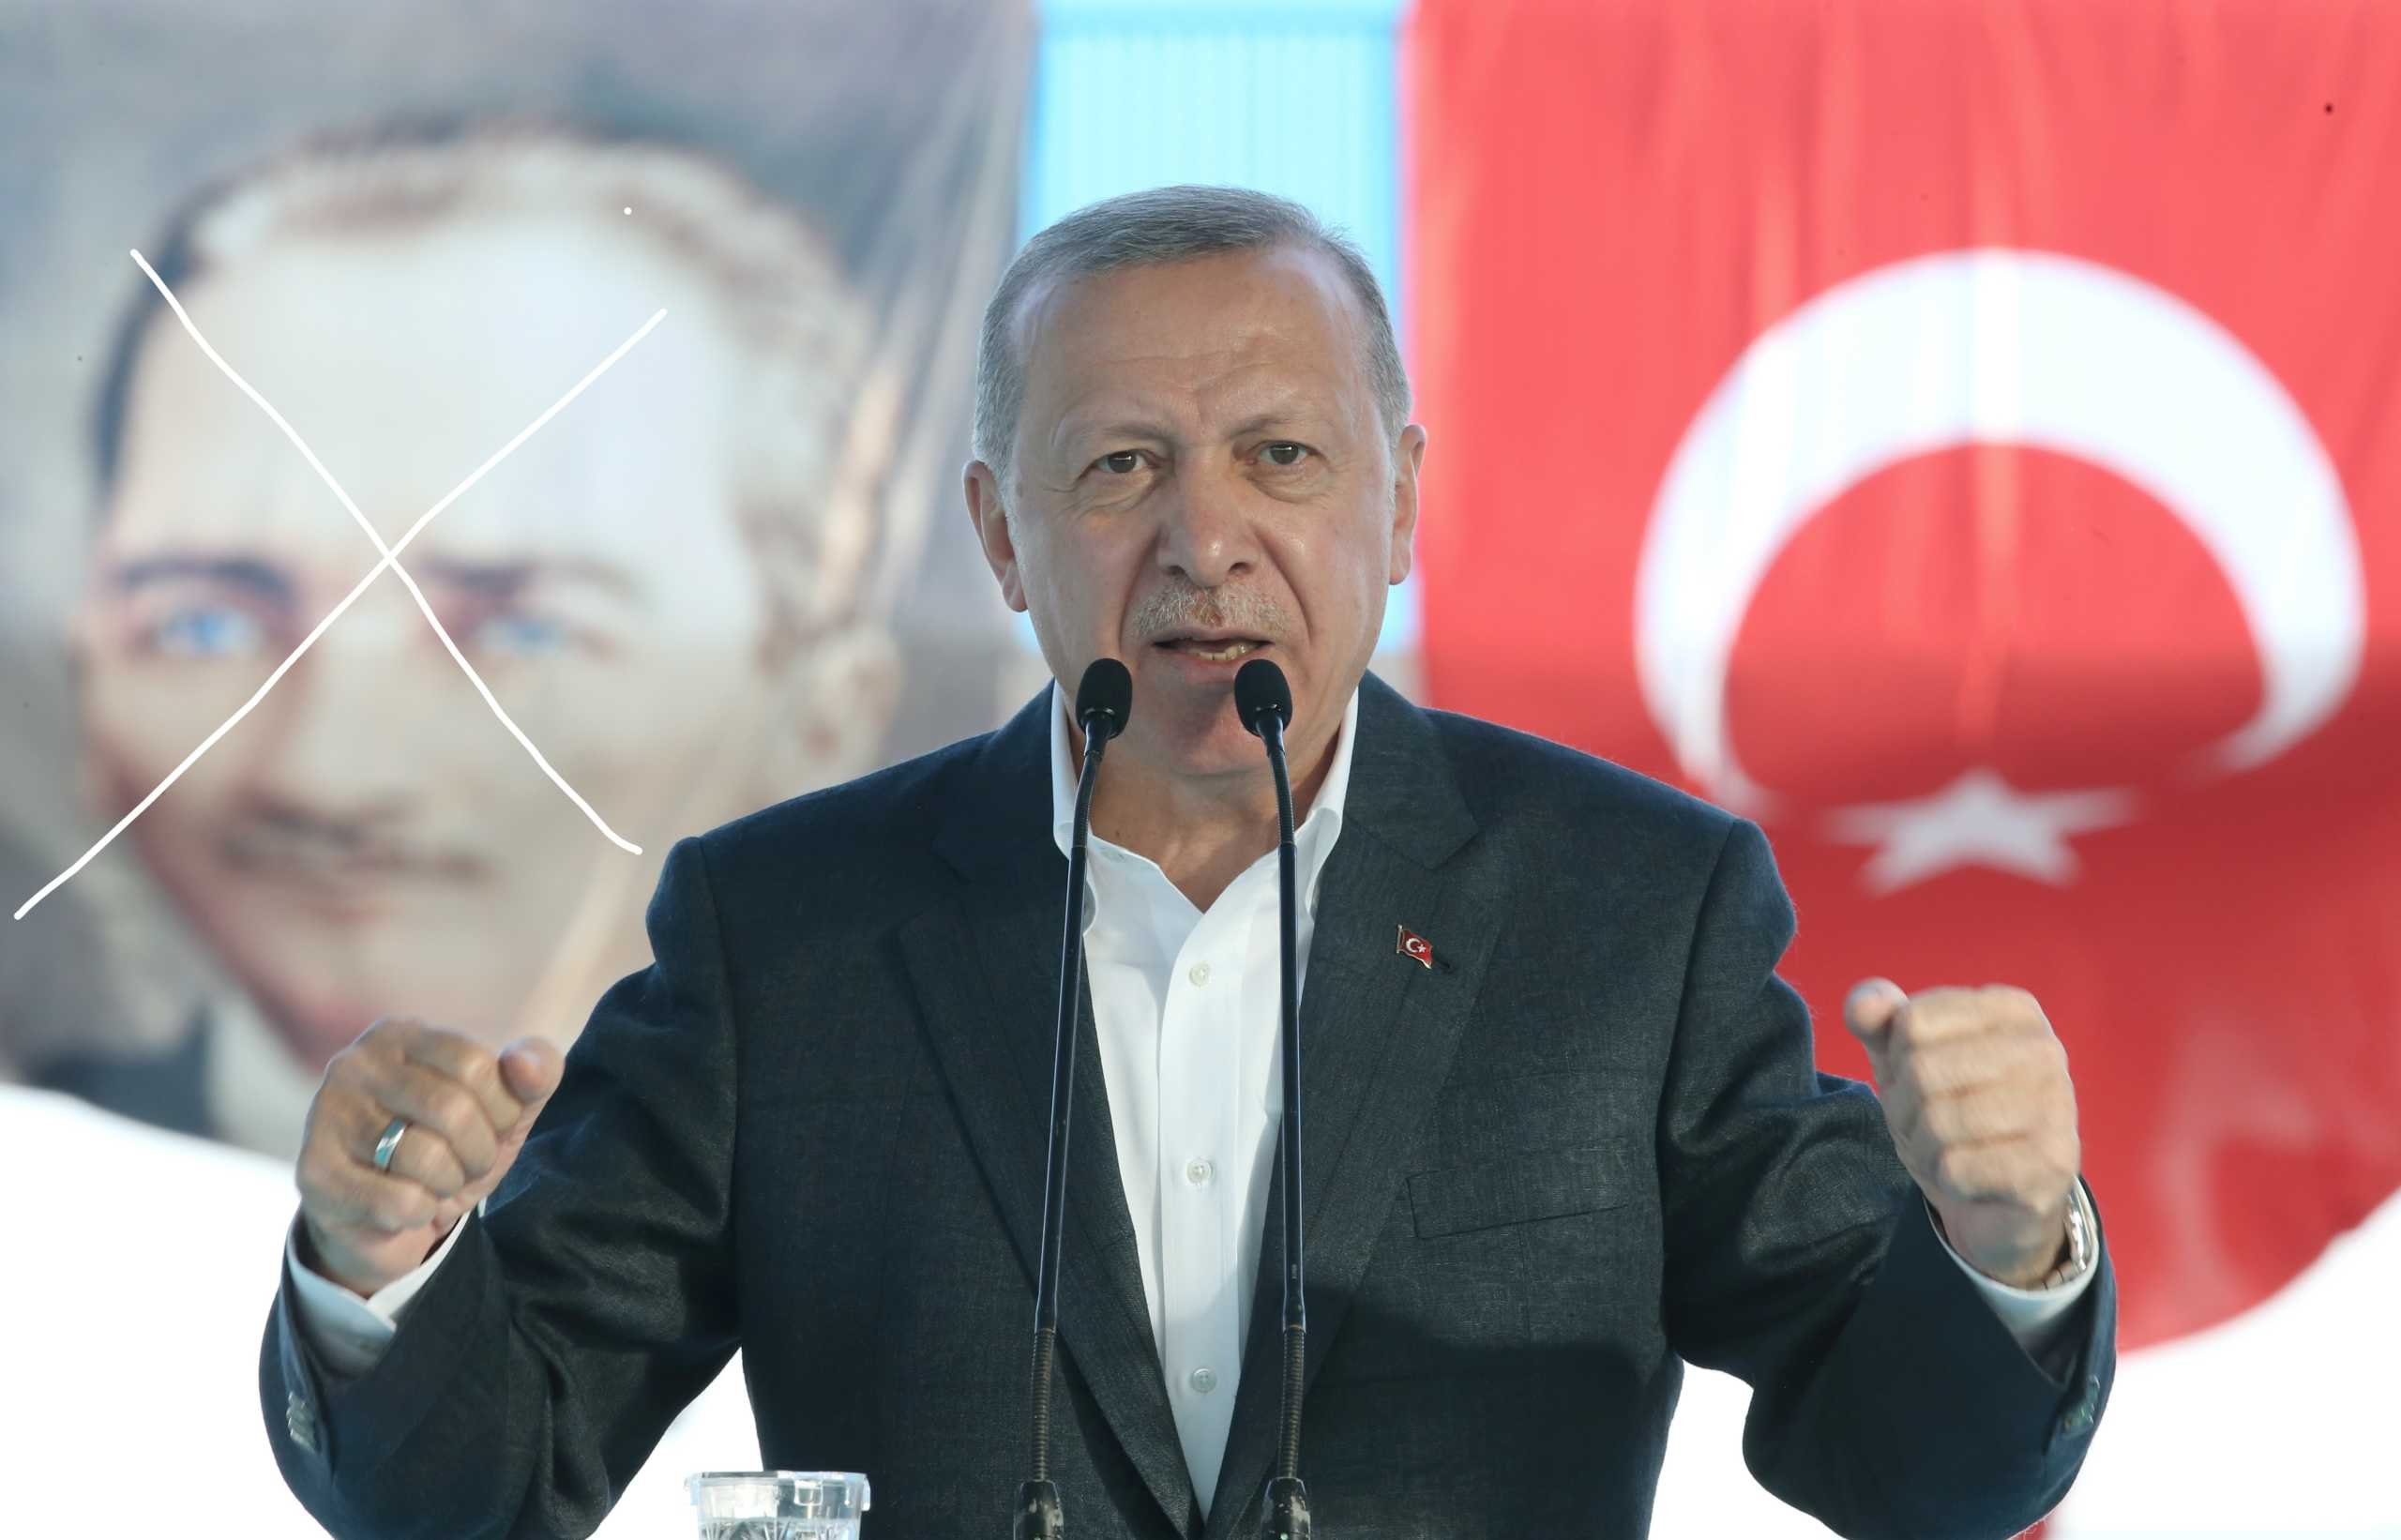 Μήνυση κατά ελληνικής εφημερίδας από τον ίδιο τον Ερντογάν